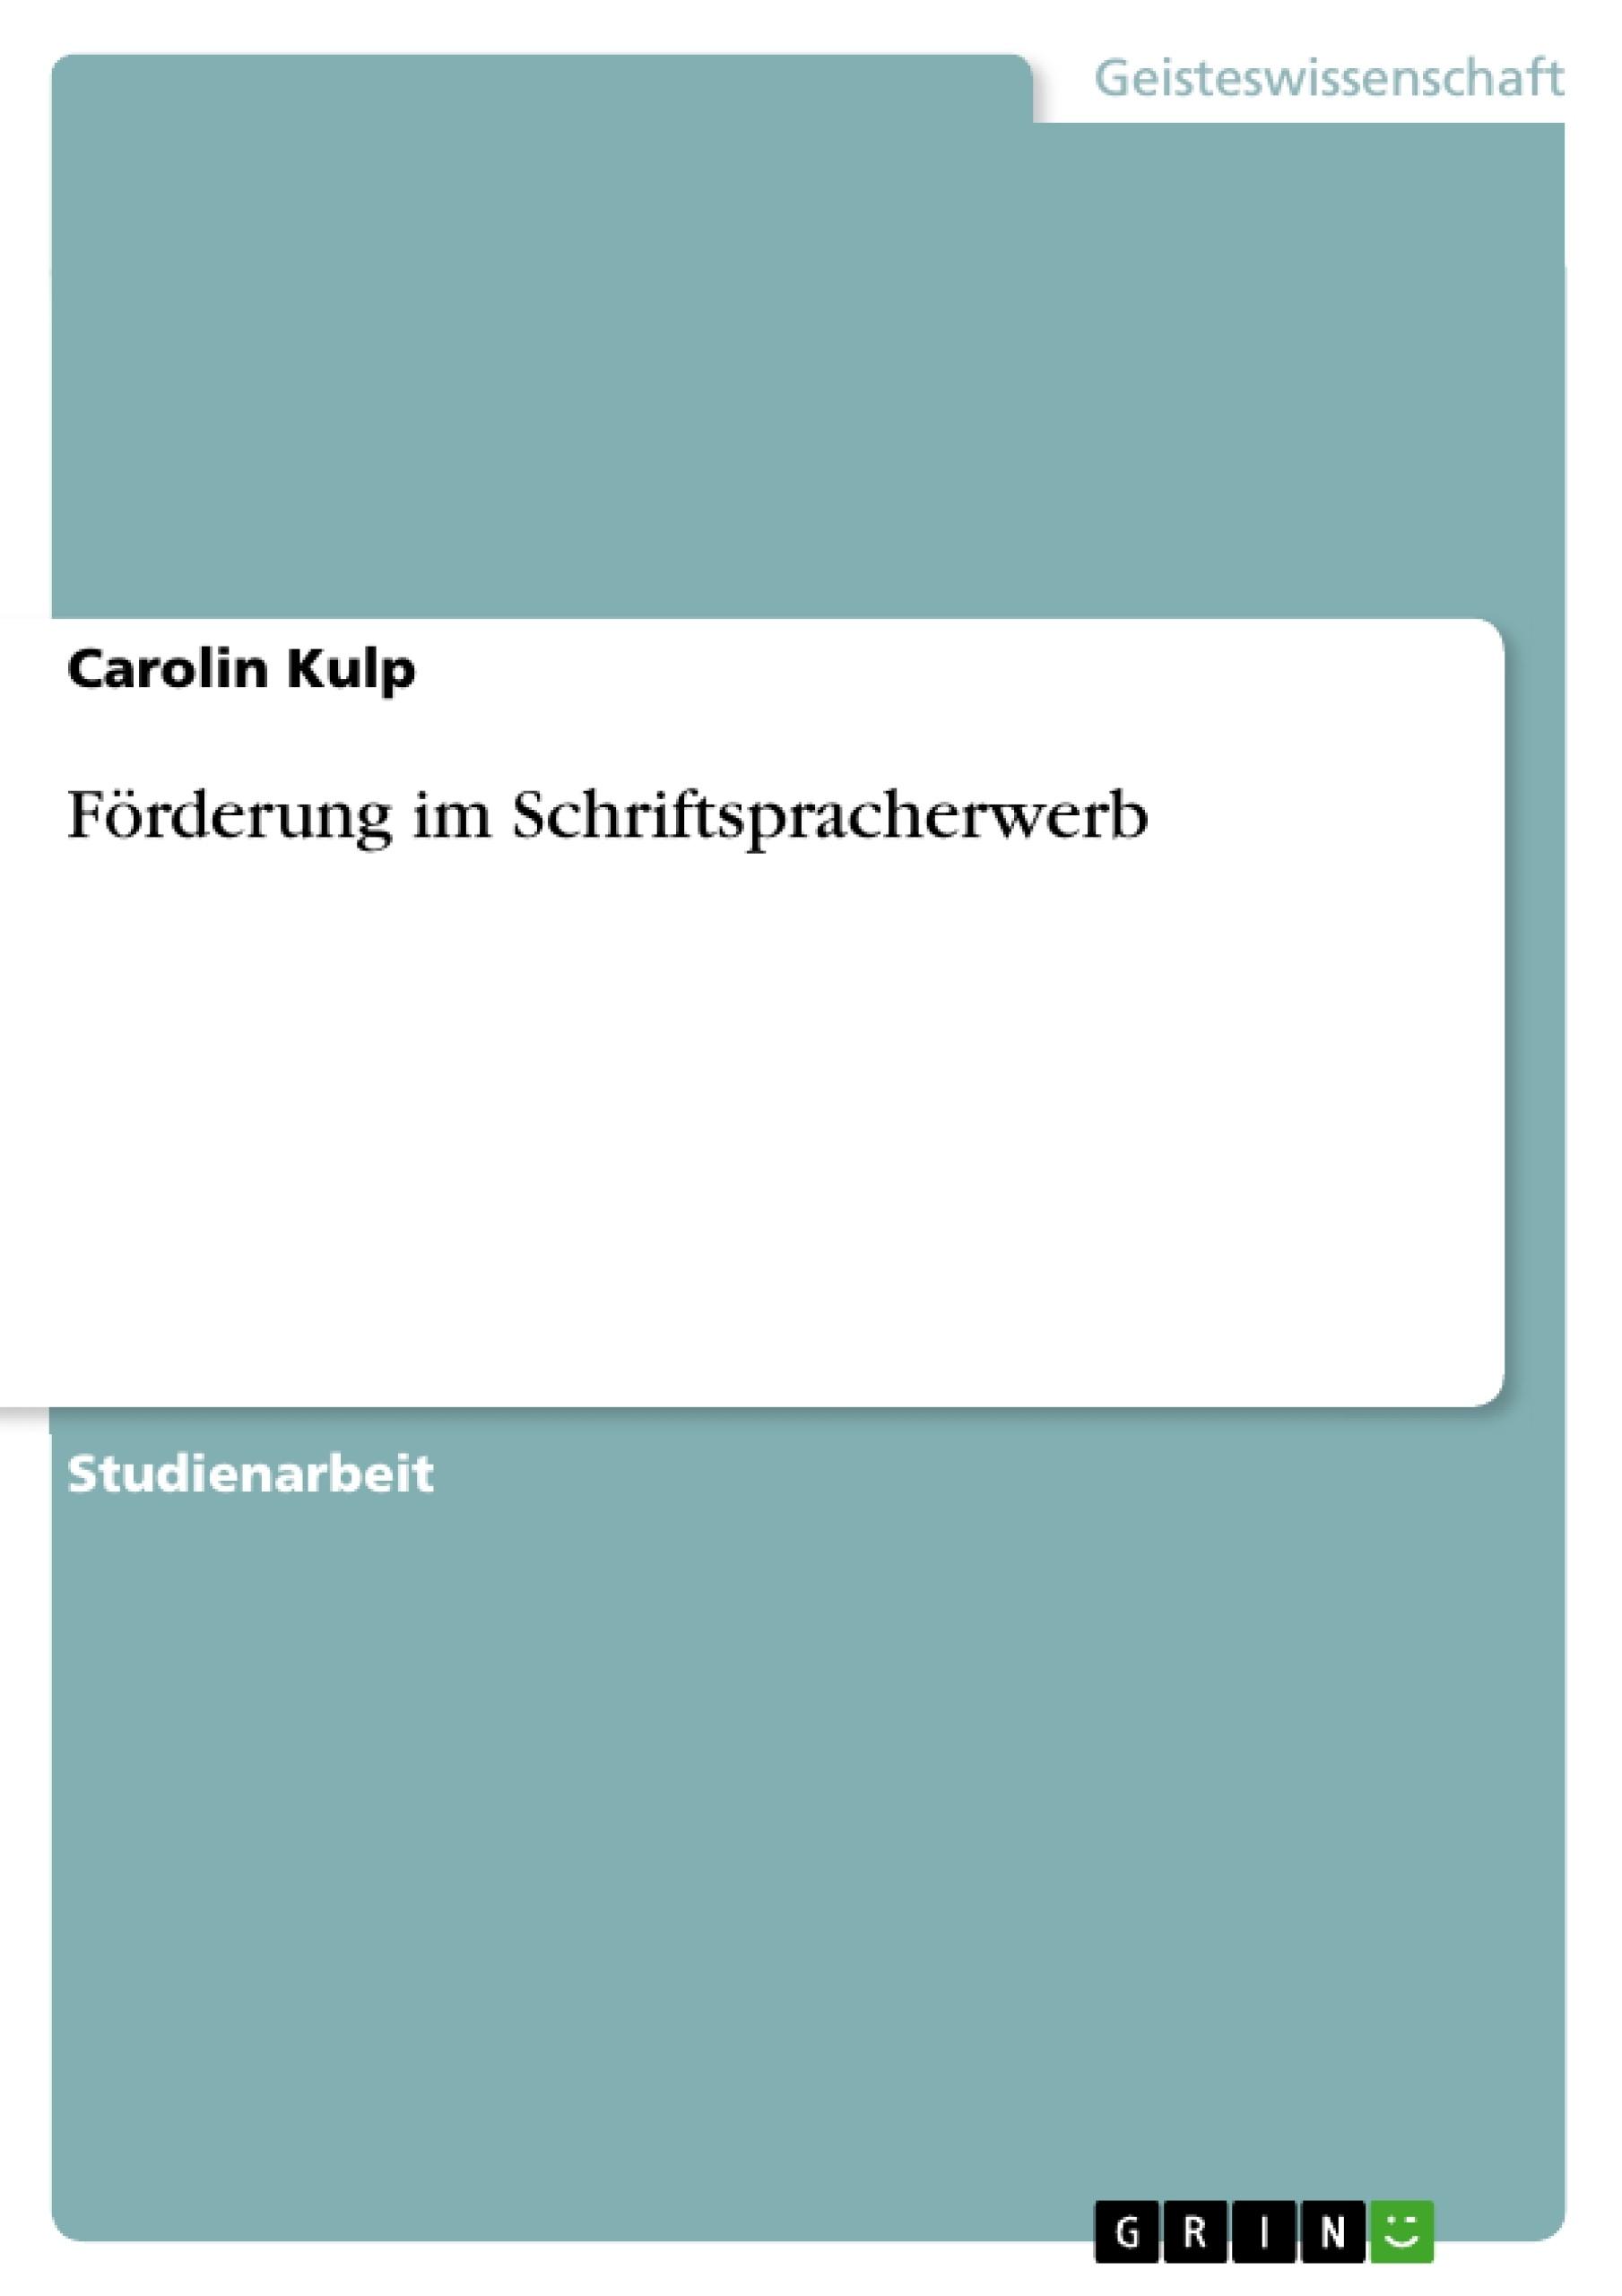 Titel: Förderung im Schriftspracherwerb